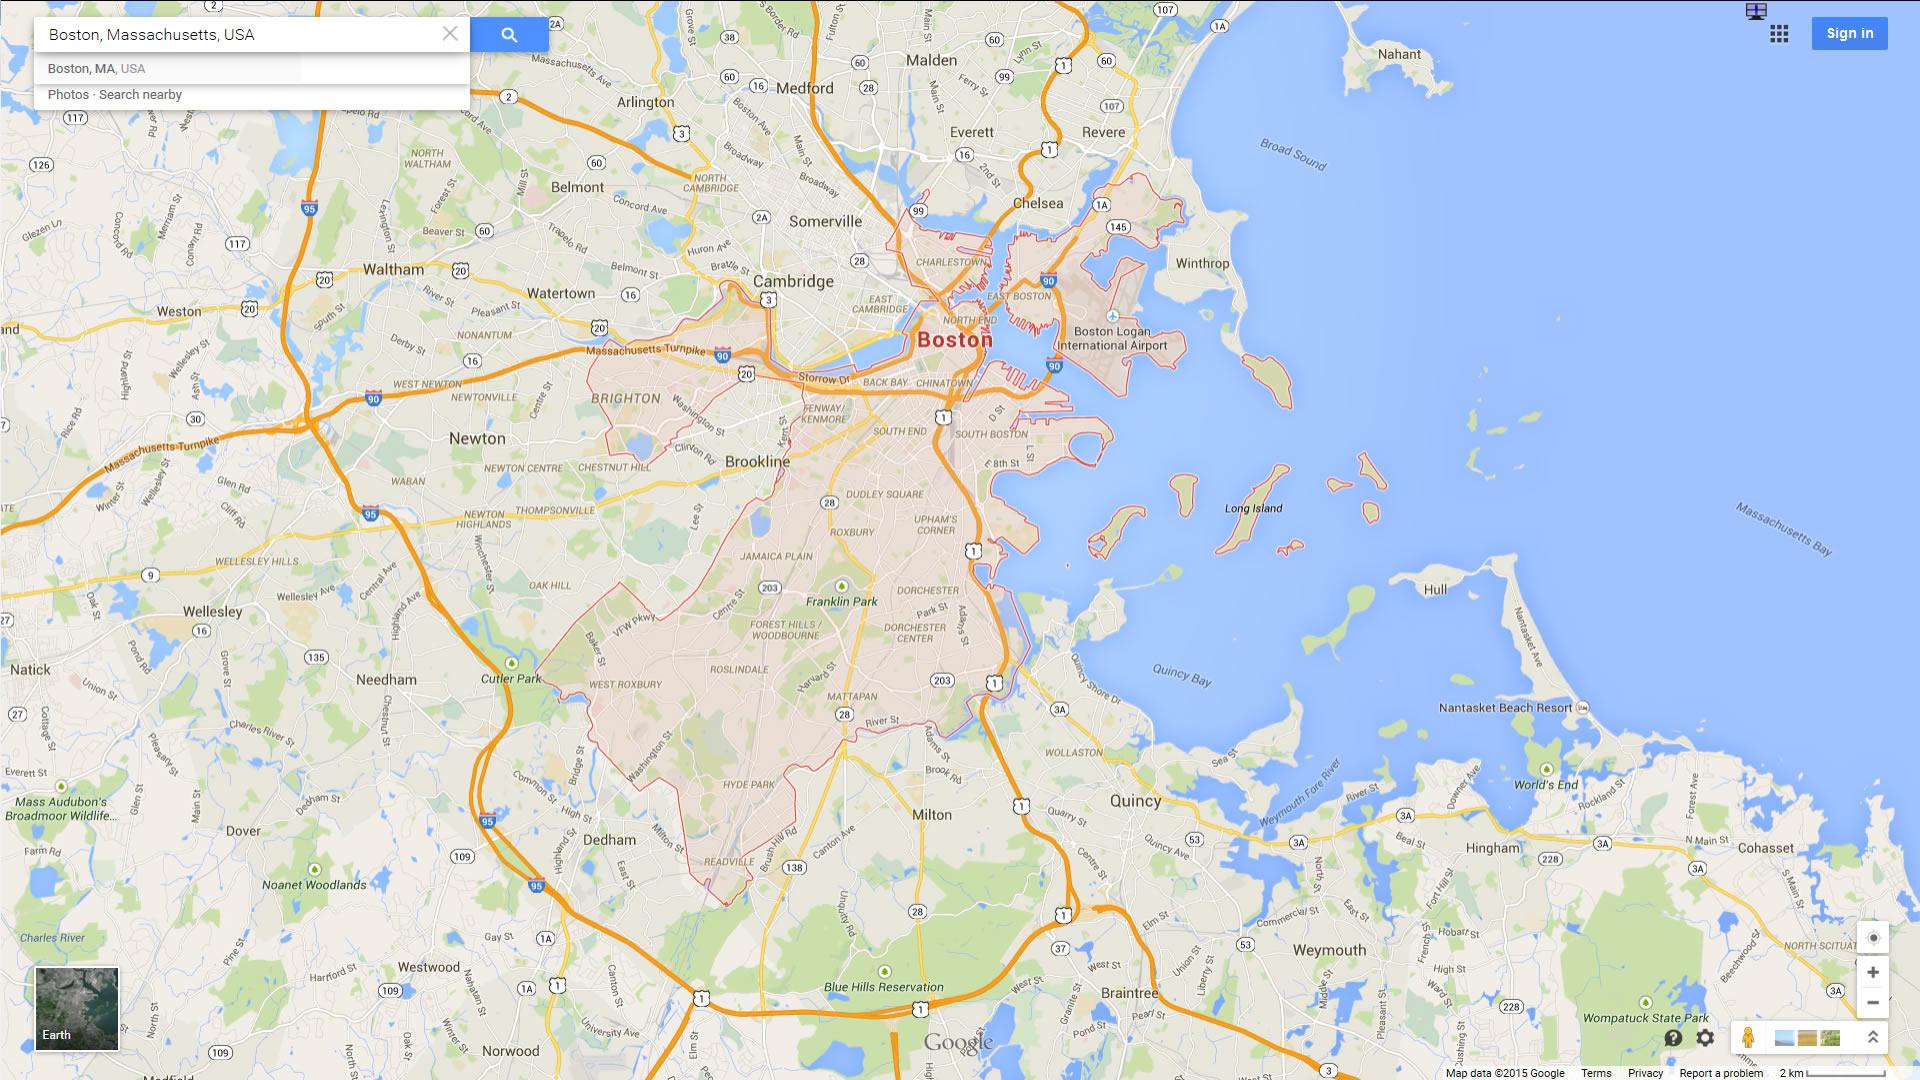 Boston Massachusetts Map - Boston on us map